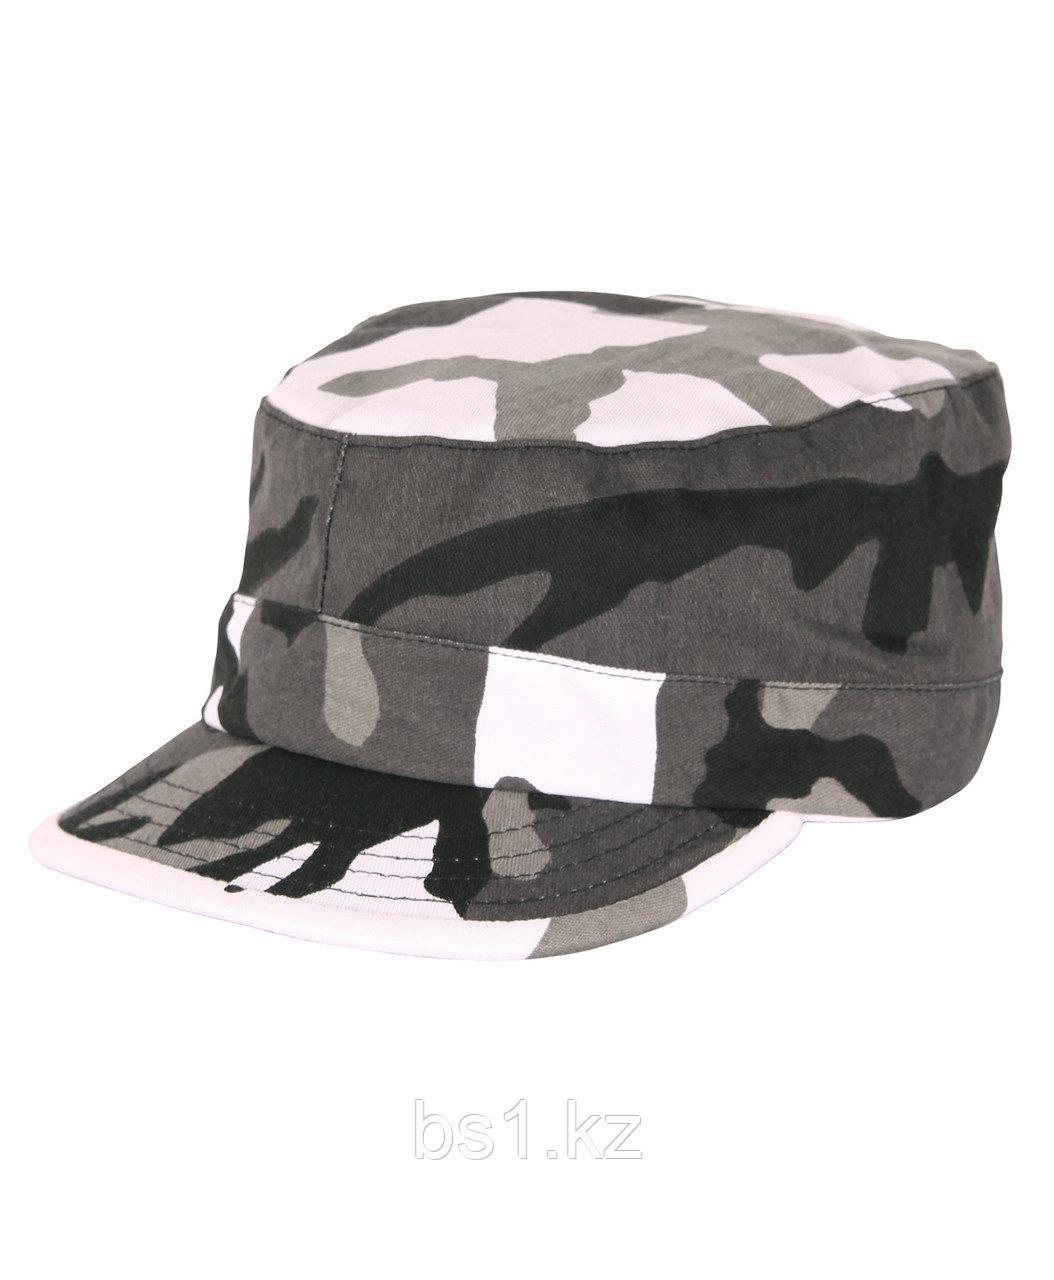 Кепи военное BDU Patrol Cap камуфляж город Urban, Propper